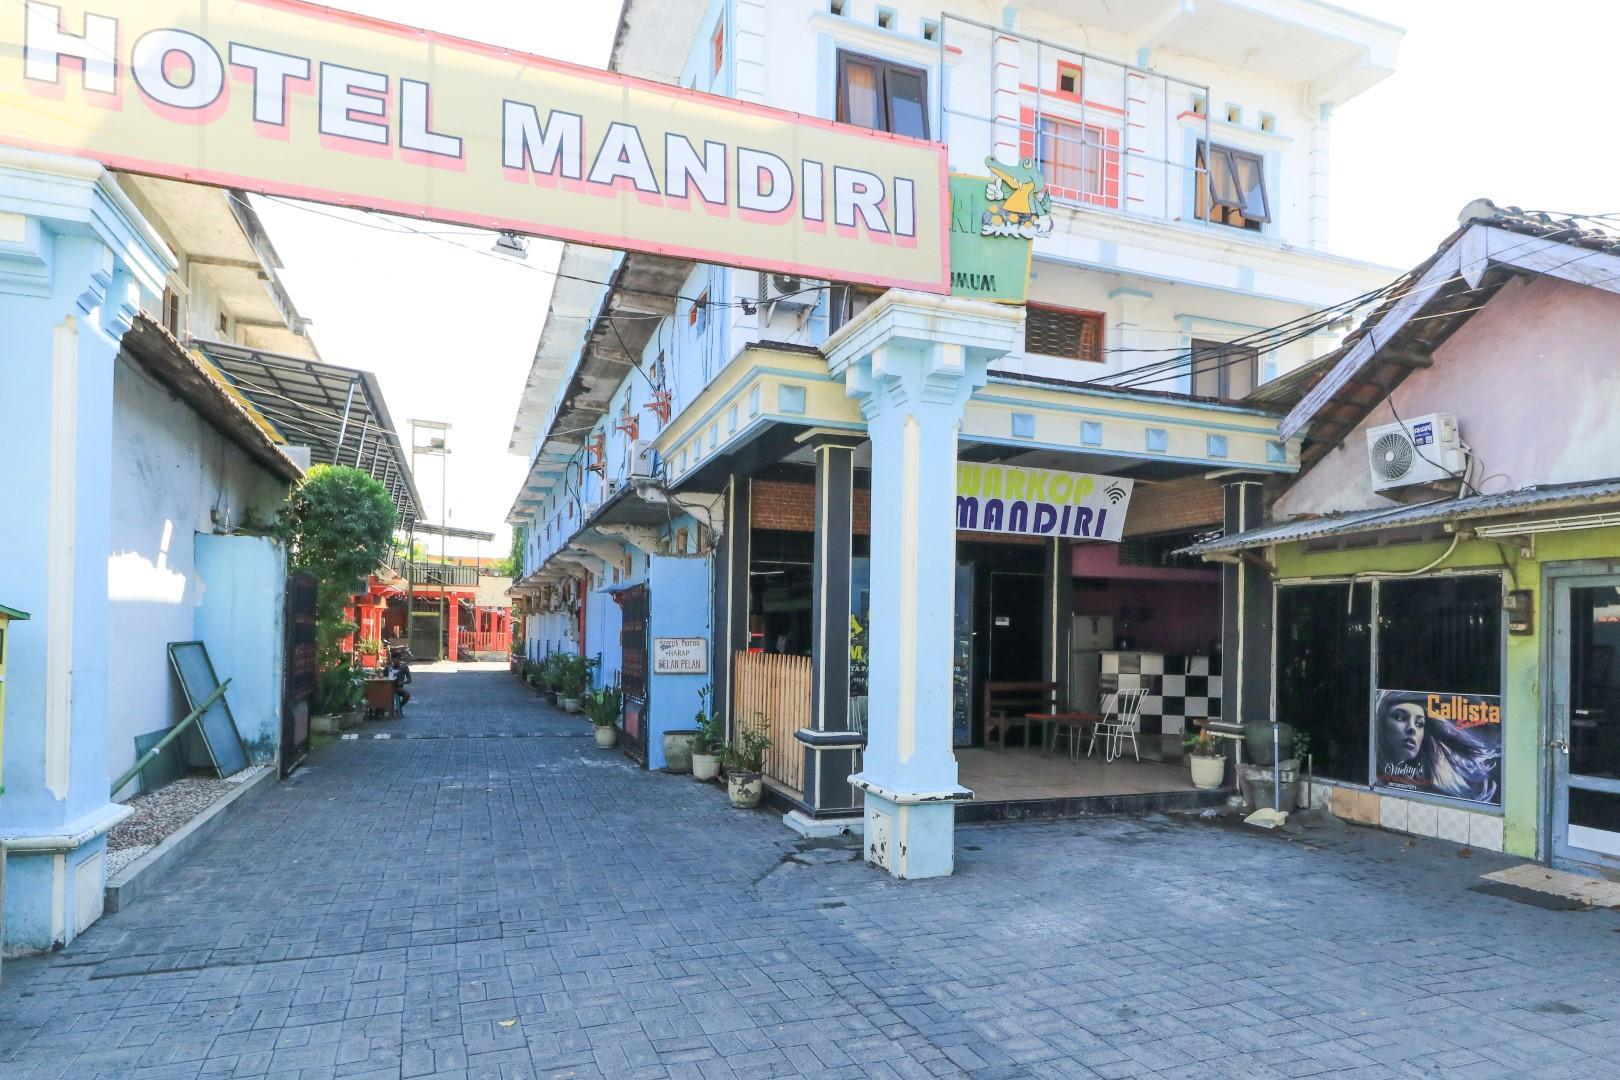 Hotel Mandiri